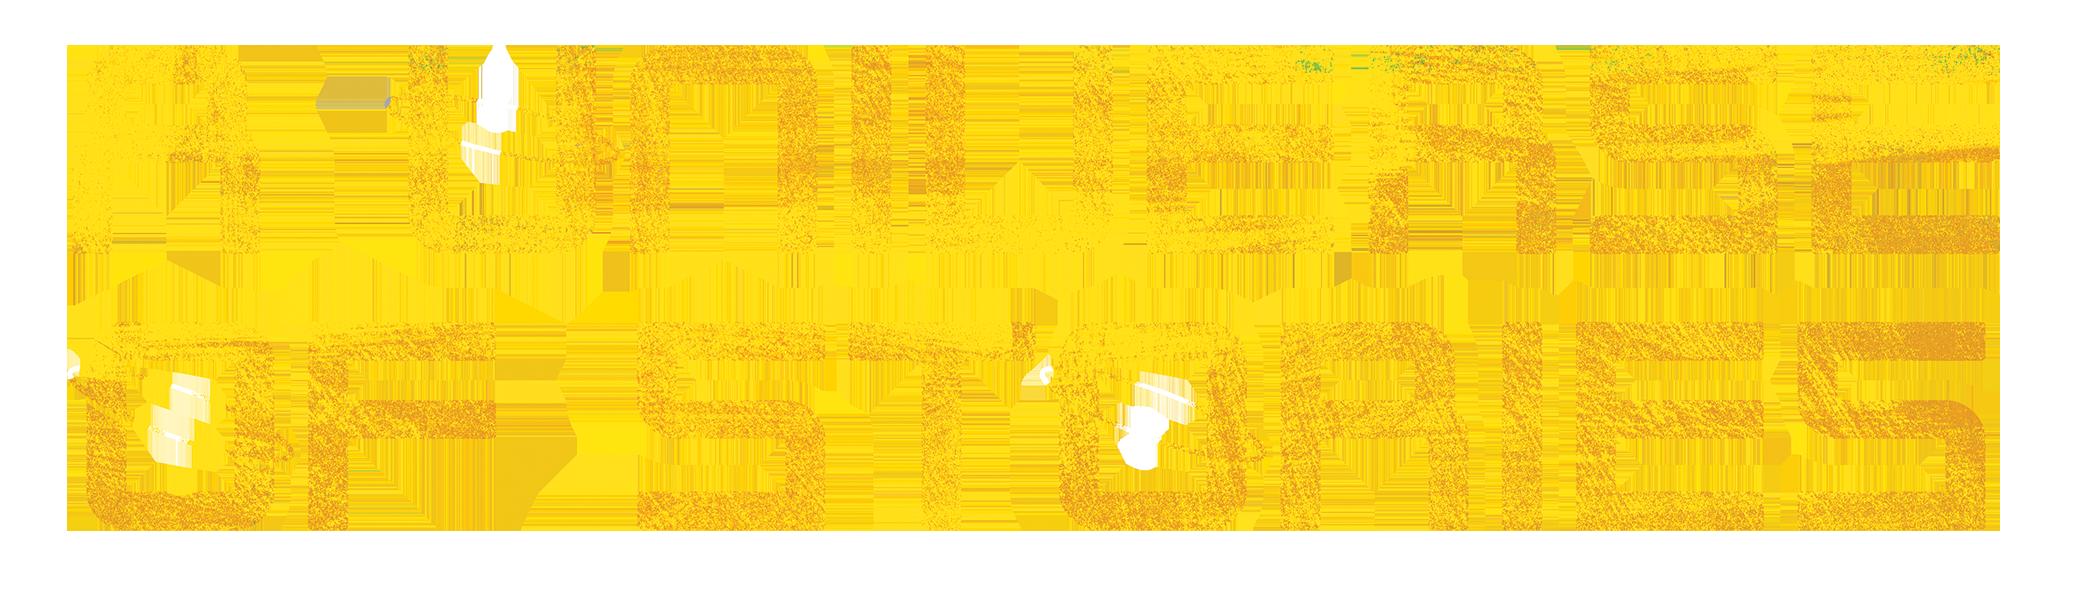 Children's slogan 2019